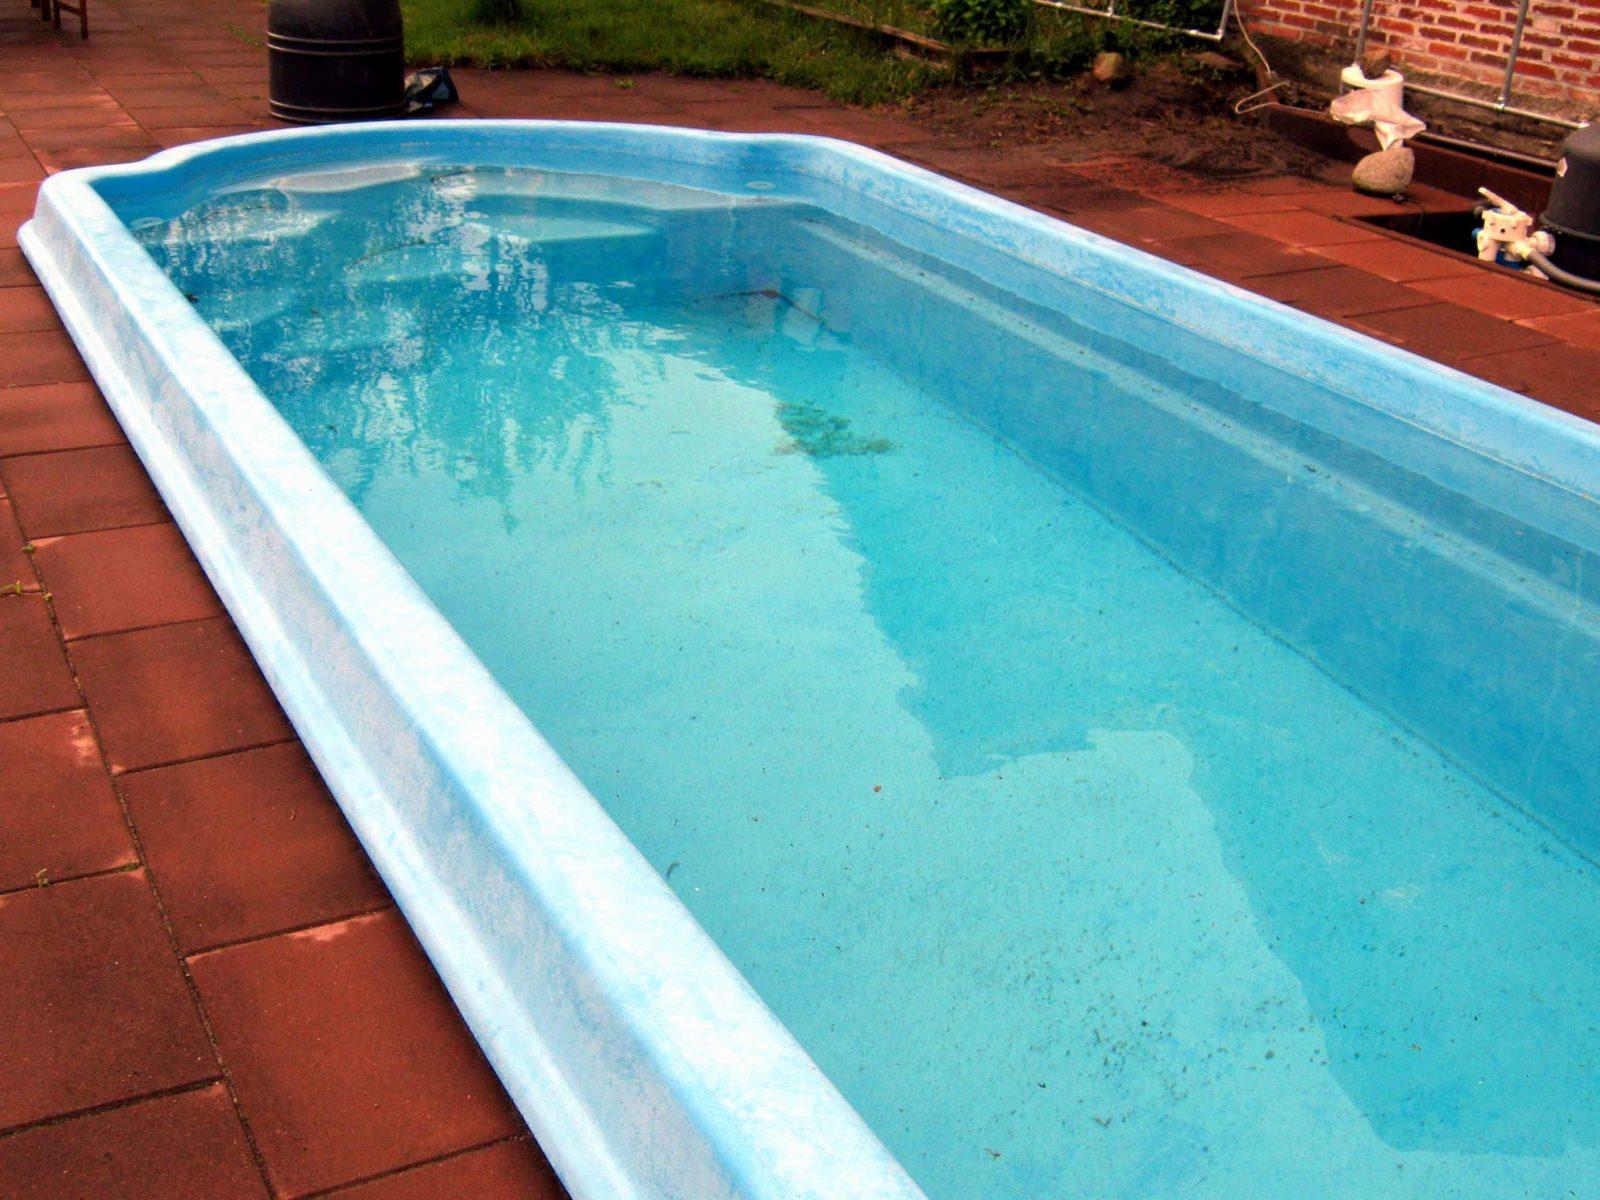 Pool Kaufen In Polen Pools Aus Polen Pool Bali New Gfk Frische von Pool Aus Polen Kaufen Bild